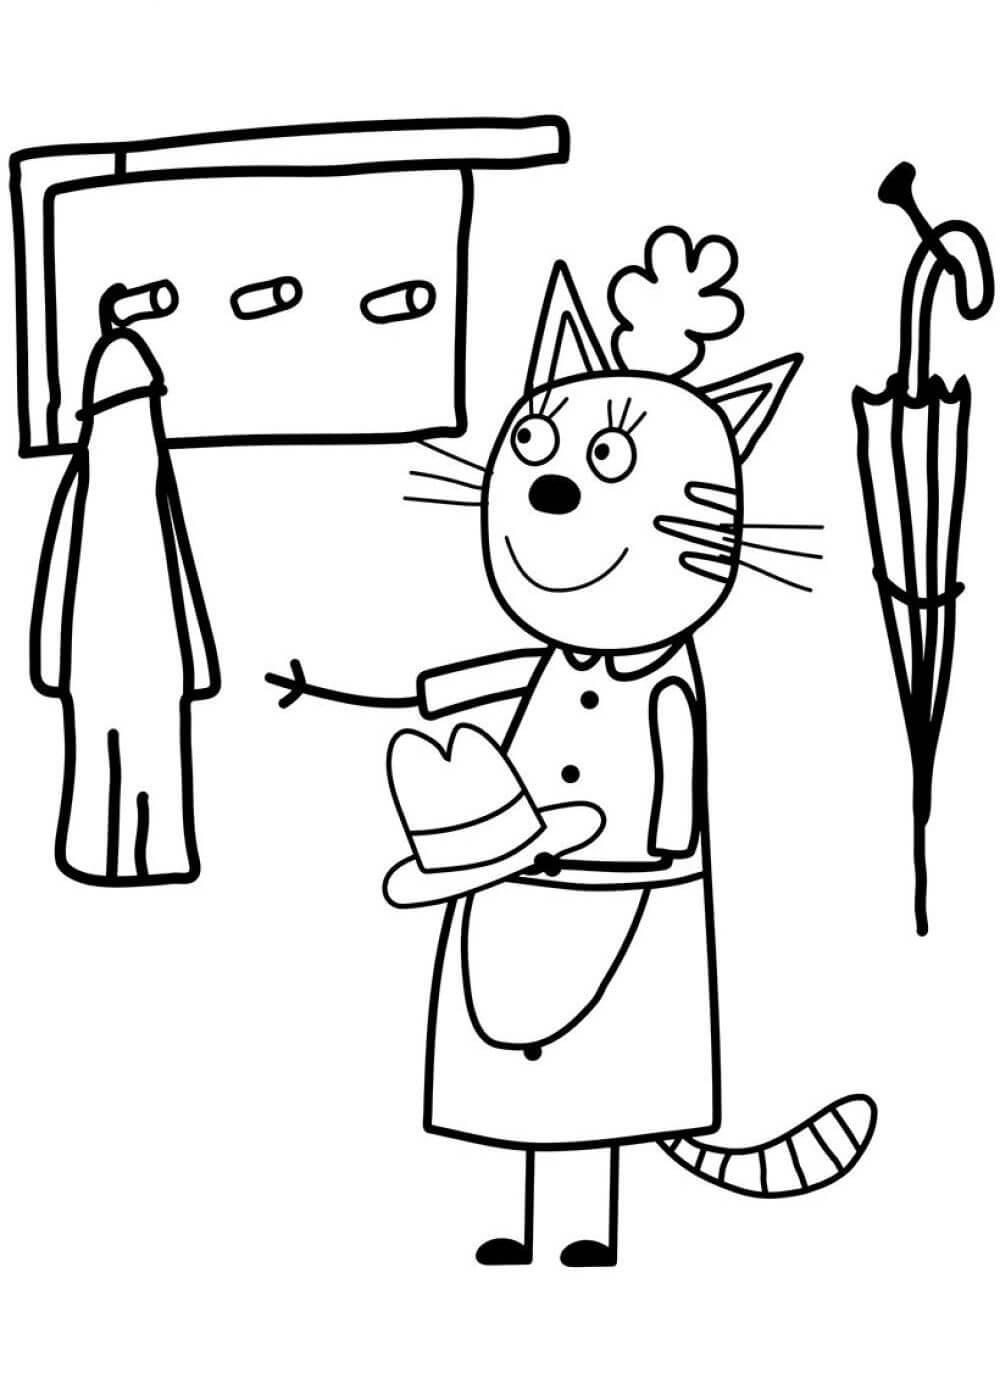 Раскраски Три кота распечатать или скачать | Детские раскраски